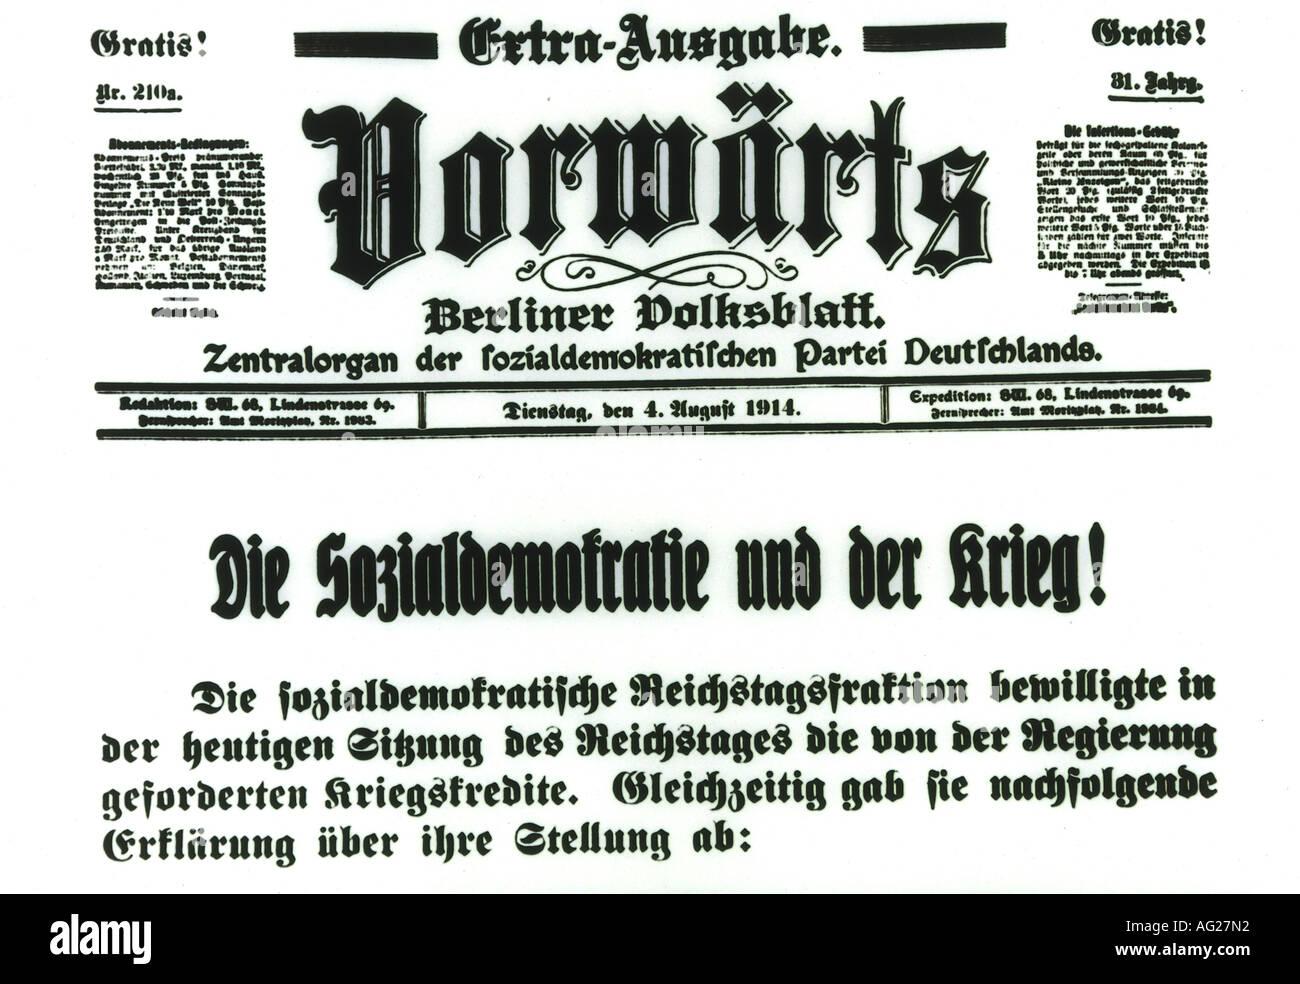 """Premere/media, giornali/riviste, """"Vorwärts"""", 4.8.1914, Titel, democrazia sociale, DOCUP, la prima guerra mondiale/WWI, giornale, Germania, ventesimo secolo , Additional-Rights-giochi-NA Immagini Stock"""